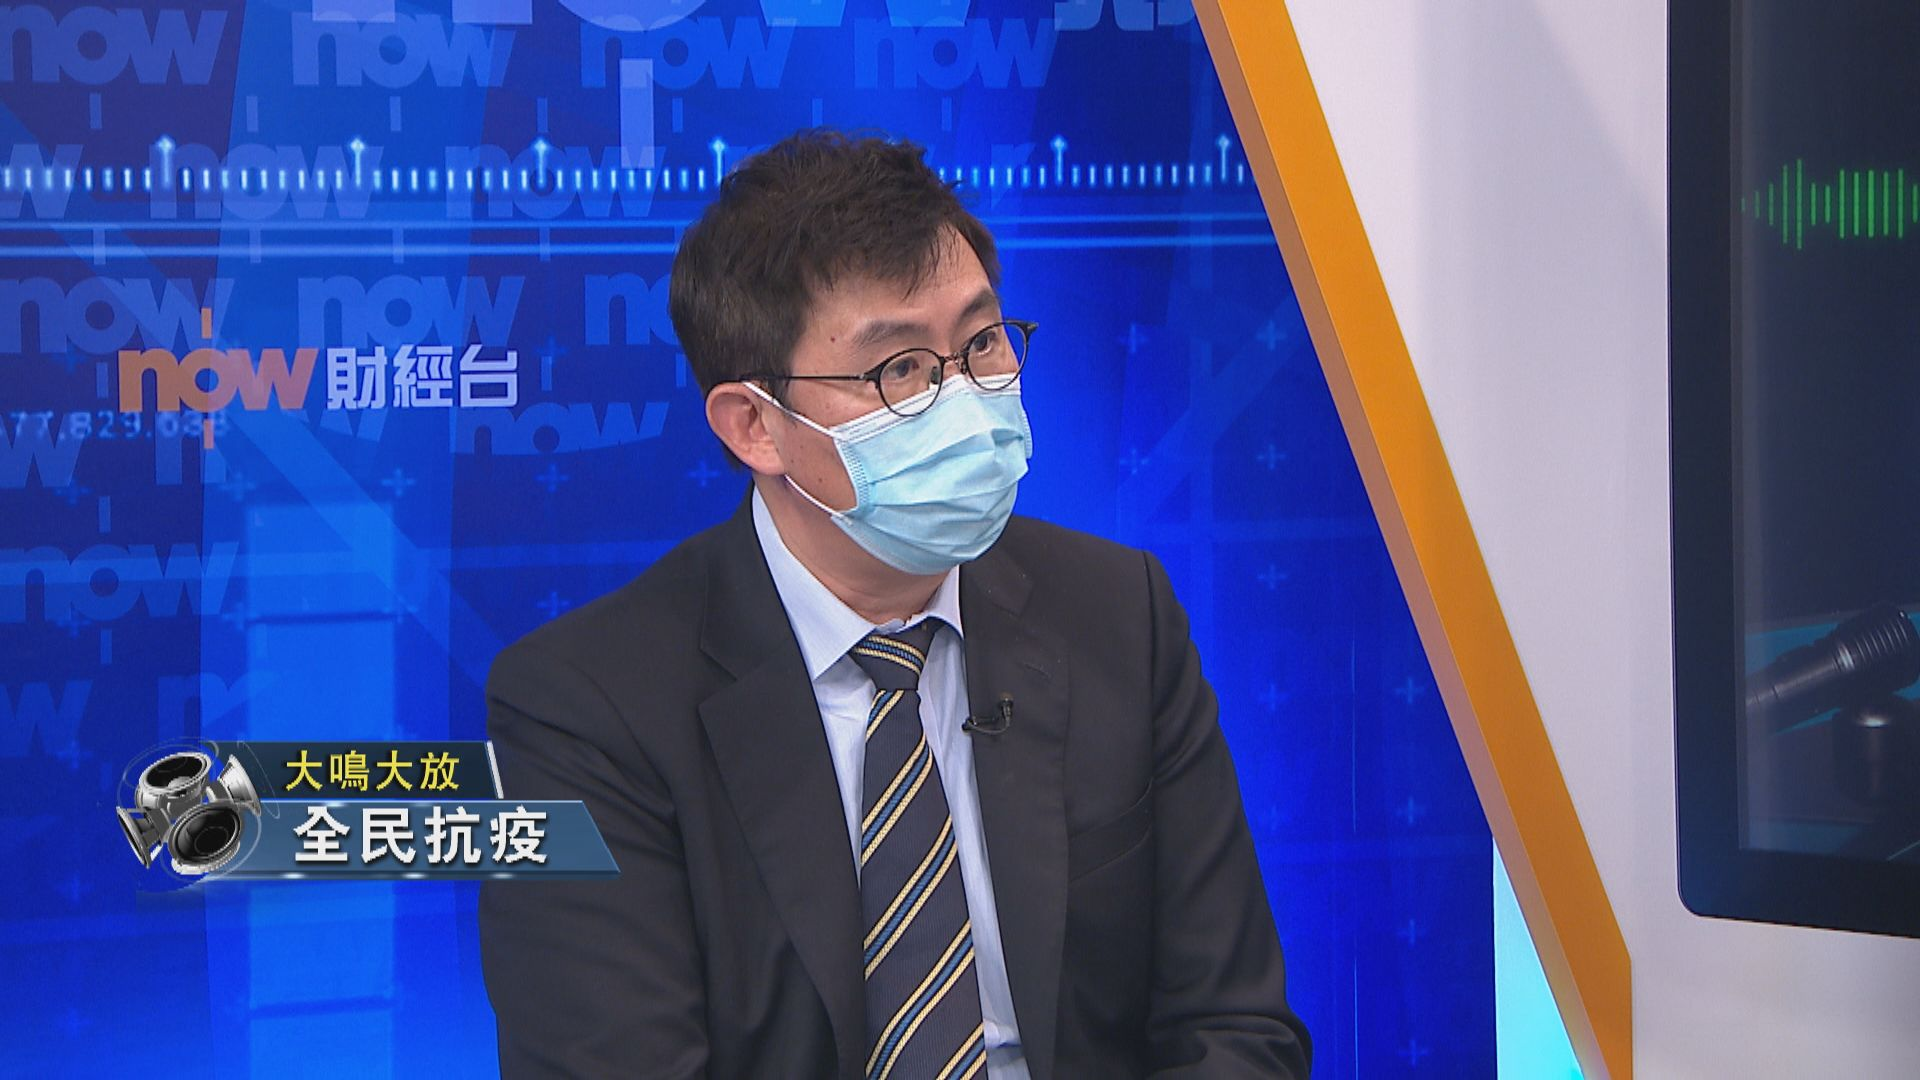 【大鳴大放】全民抗疫/醫護抗疫 (一)